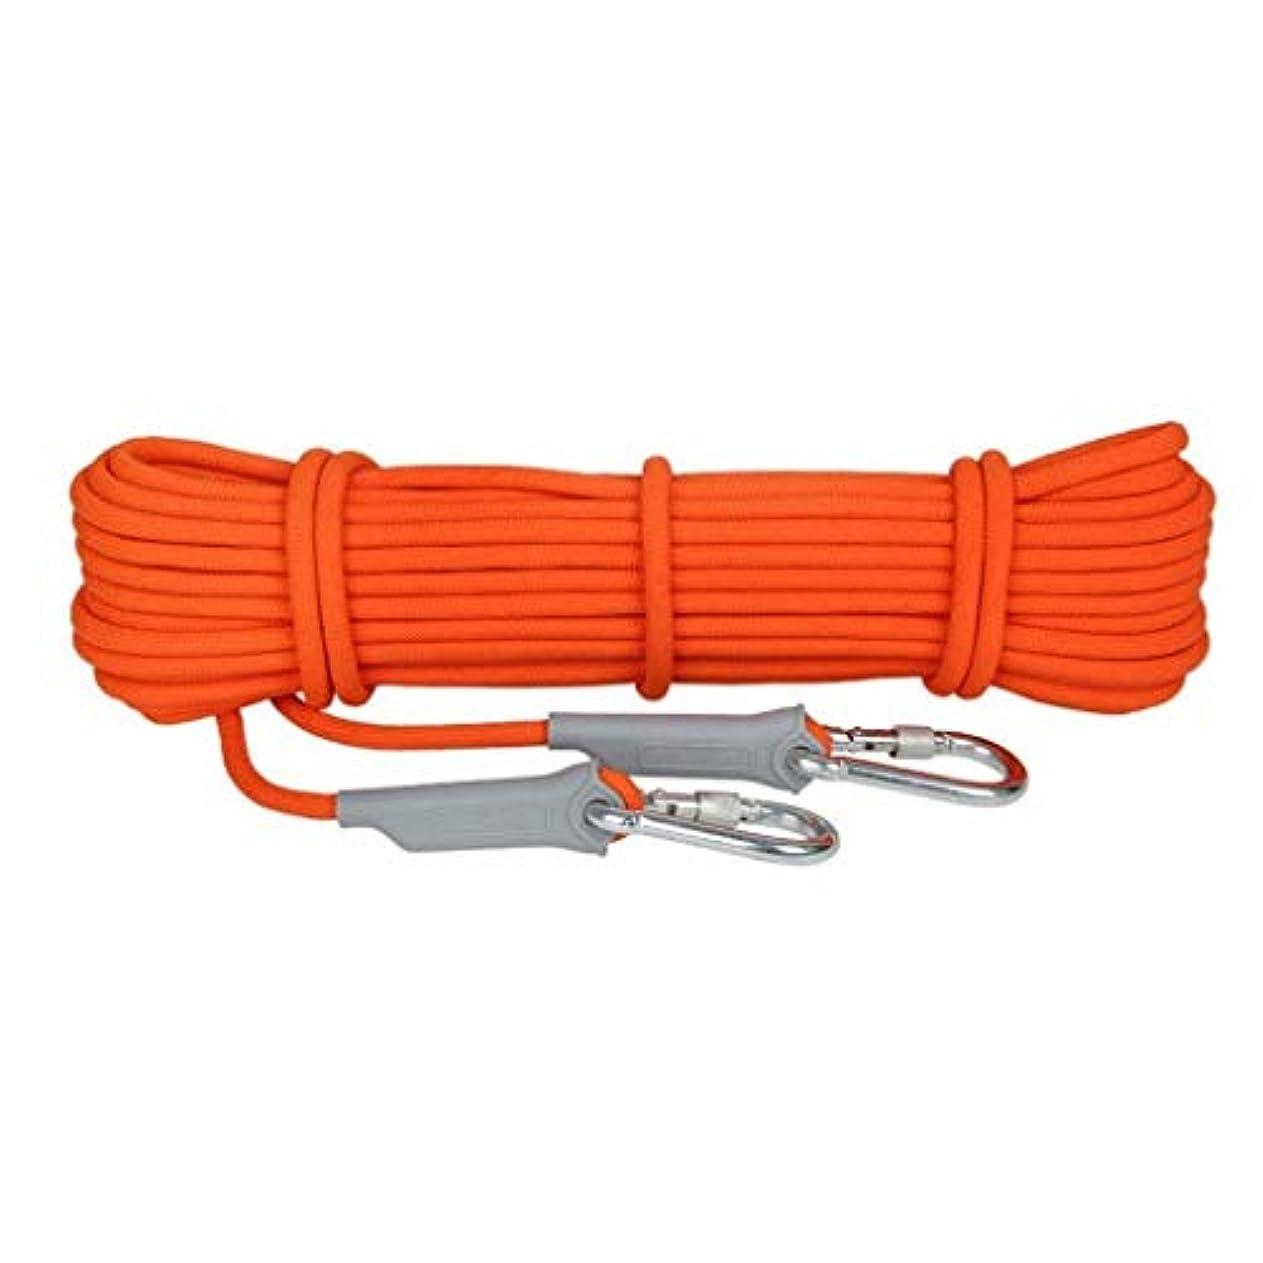 薄いです横に本質的ではない登山ロープの家の火の緊急脱出ロープ、ハイキングの洞窟探検のキャンプの救助調査および工学保護のための多機能のコードの安全ロープ。 (Color : 8.5mm, Size : 15m)